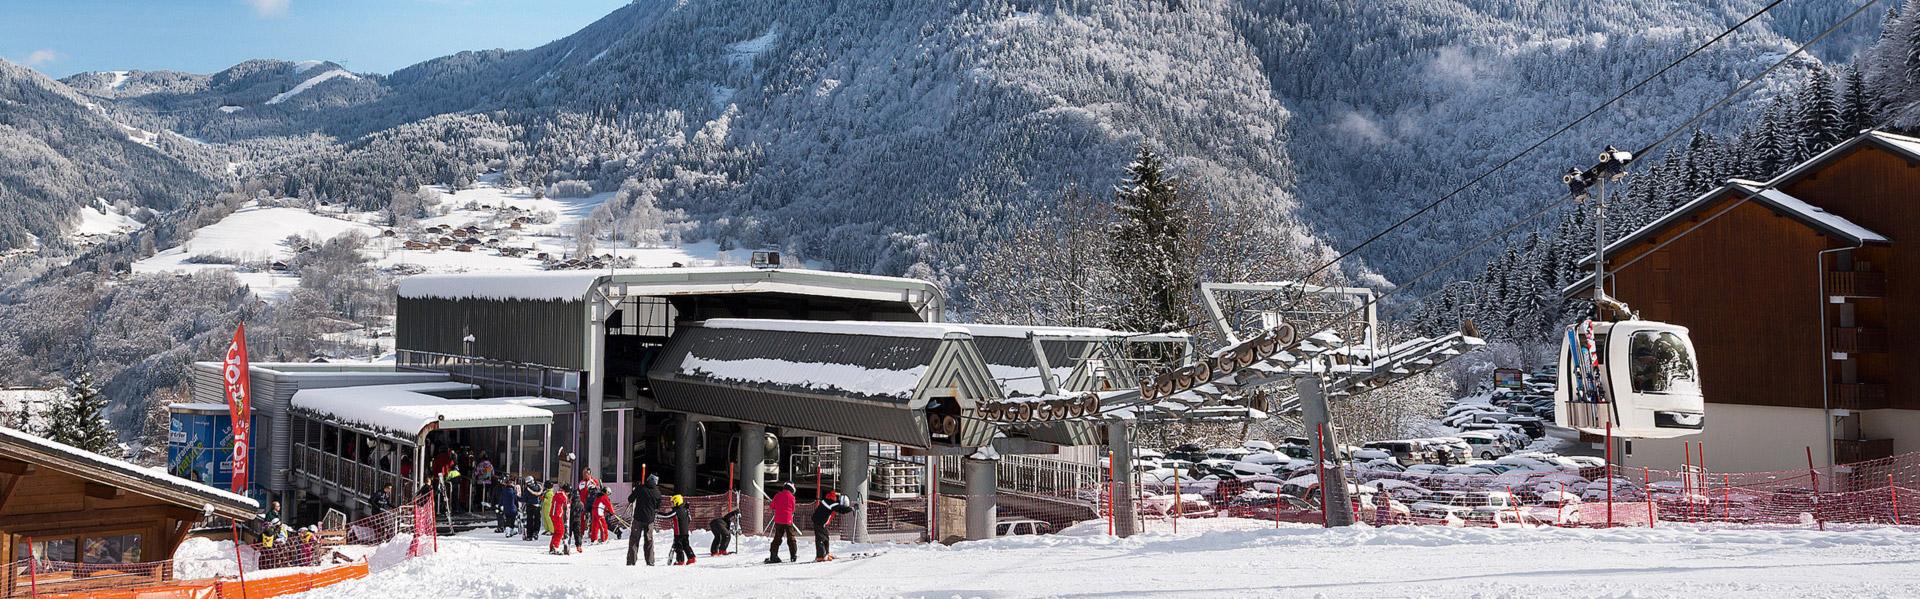 Roc d Enfer - Saint-Jean d Aulps La Grande Terche - Bellevaux La Chèvrerie  - Portes du Soleil - Ski domain 74 Haute-Savoie a3bda14ed9b0